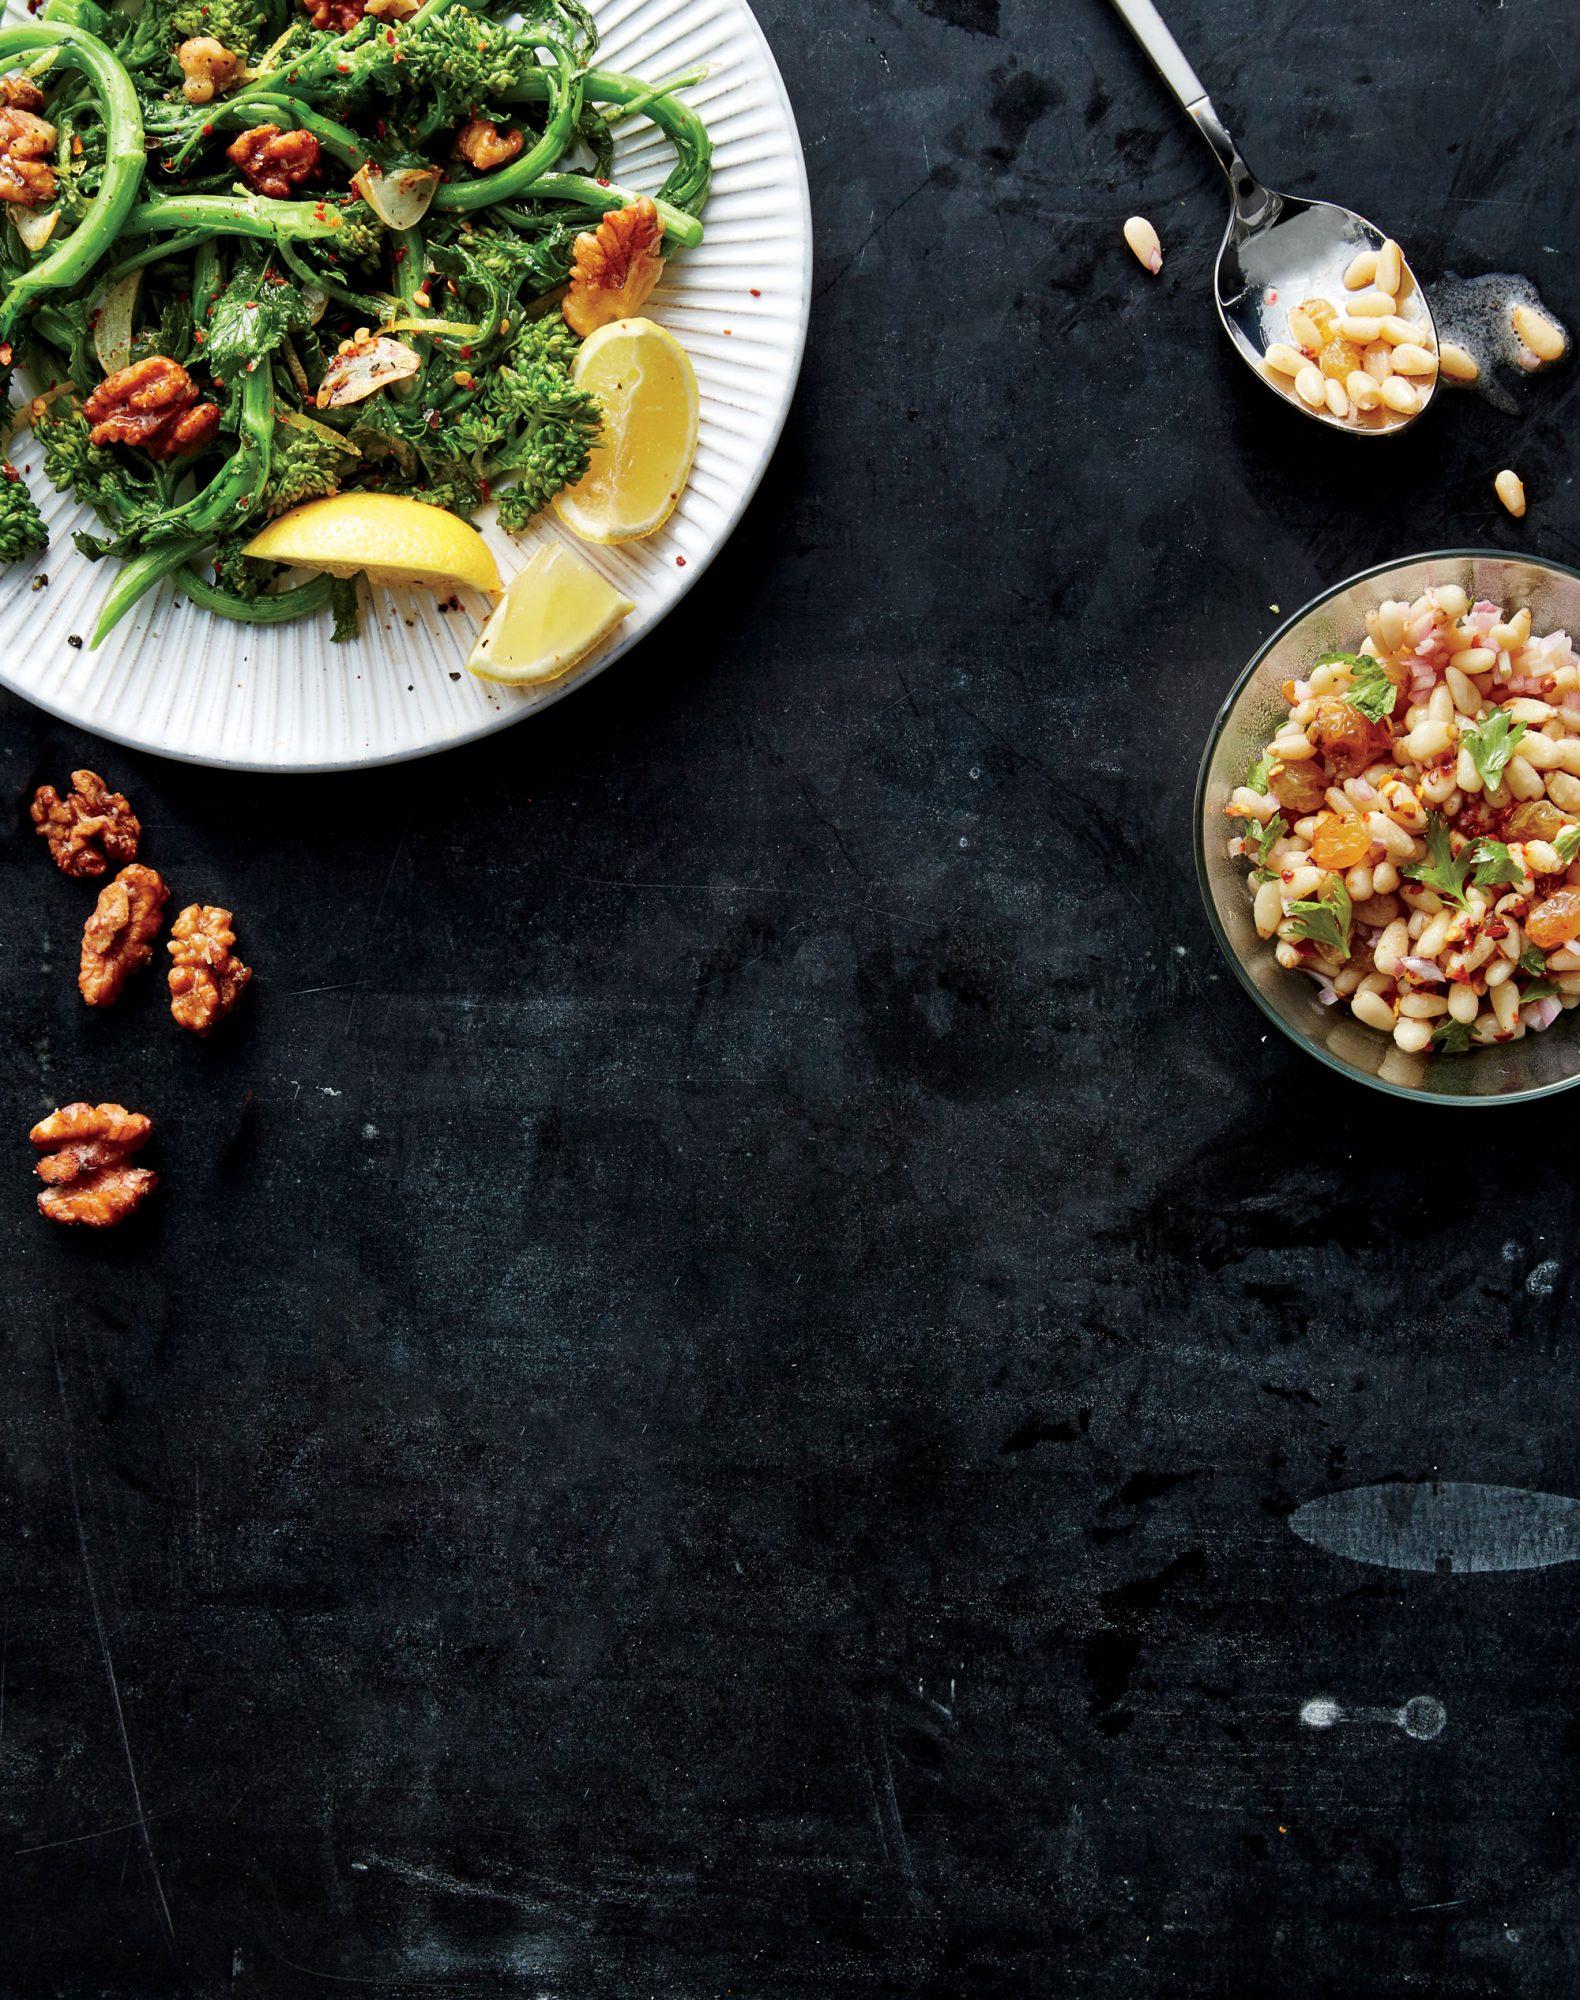 Spicy Broccoli Rabe with Fried Walnuts